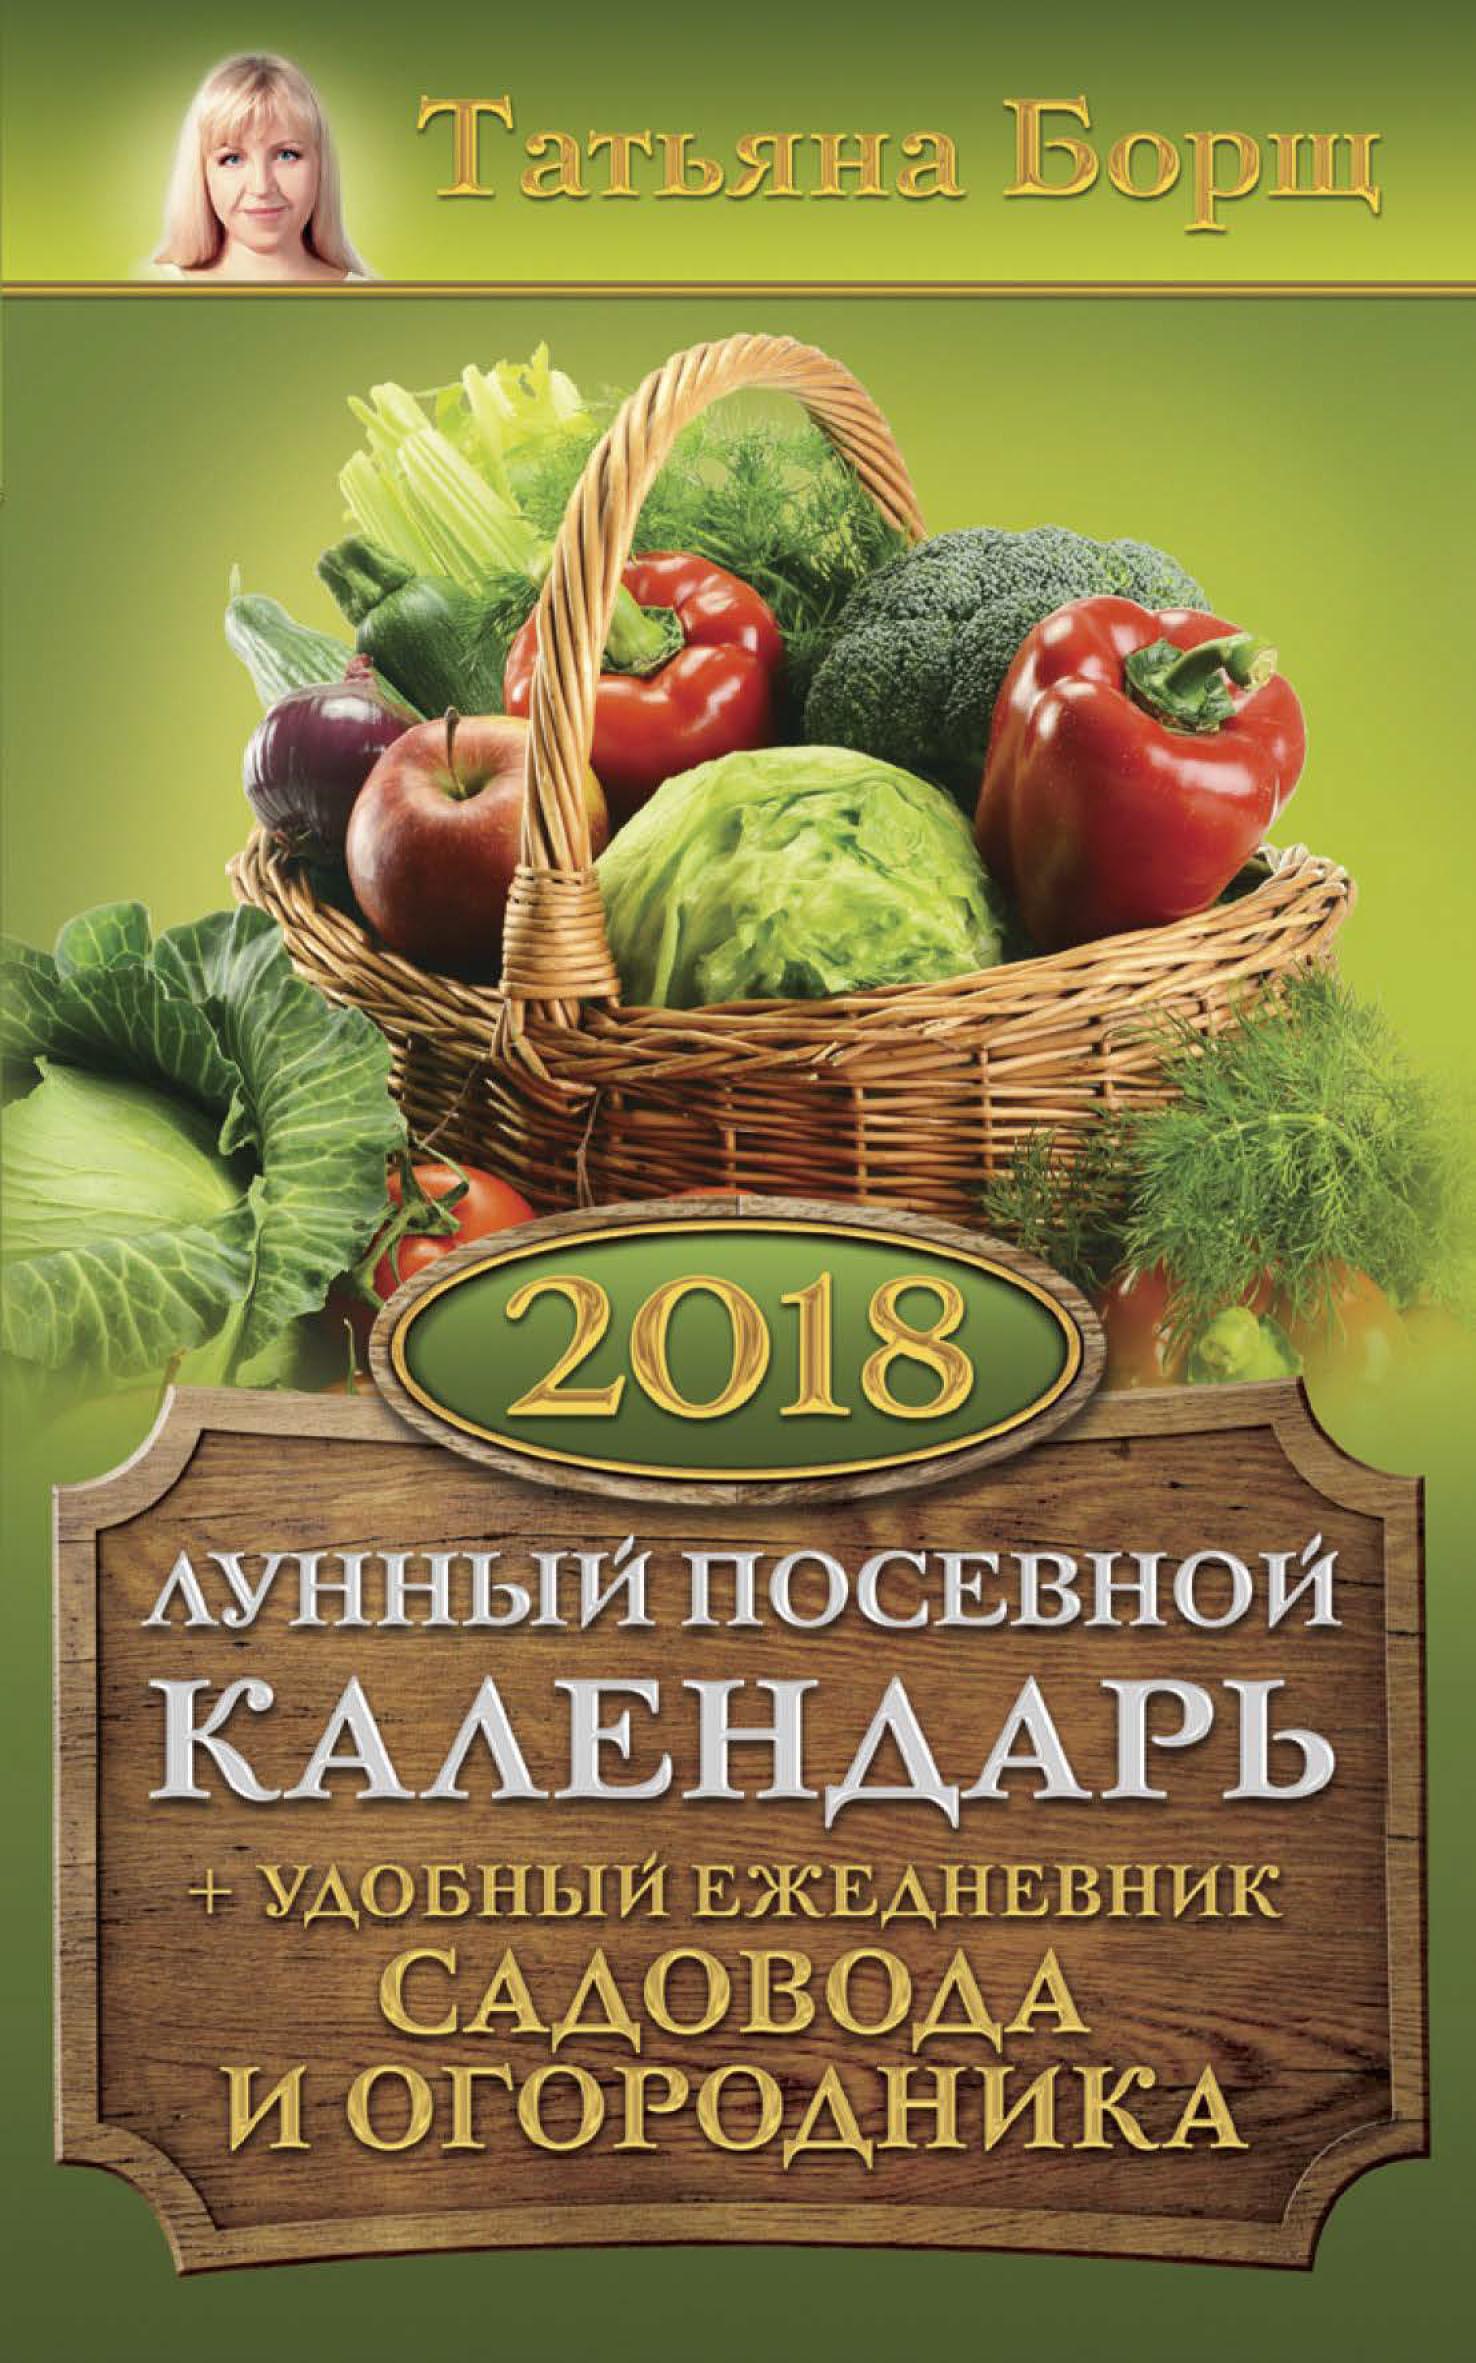 Татьяна Борщ Лунный посевной календарь на 2018 год + удобный ежедневник садовода и огородника